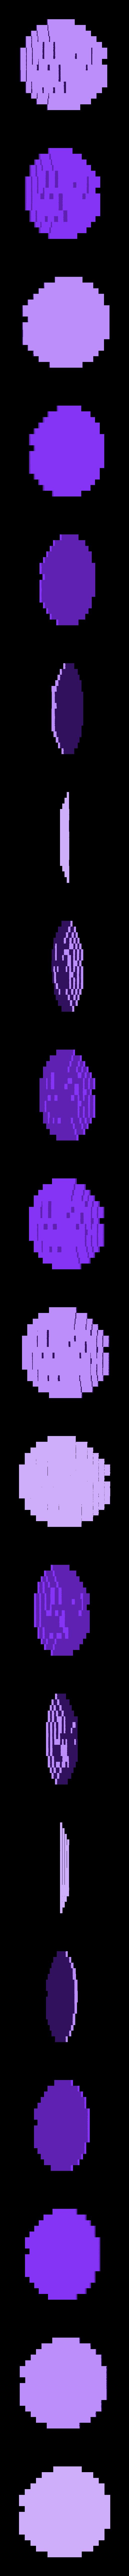 PixelBoo.stl Télécharger fichier STL gratuit Pixel Boo • Modèle imprimable en 3D, Shigeryu